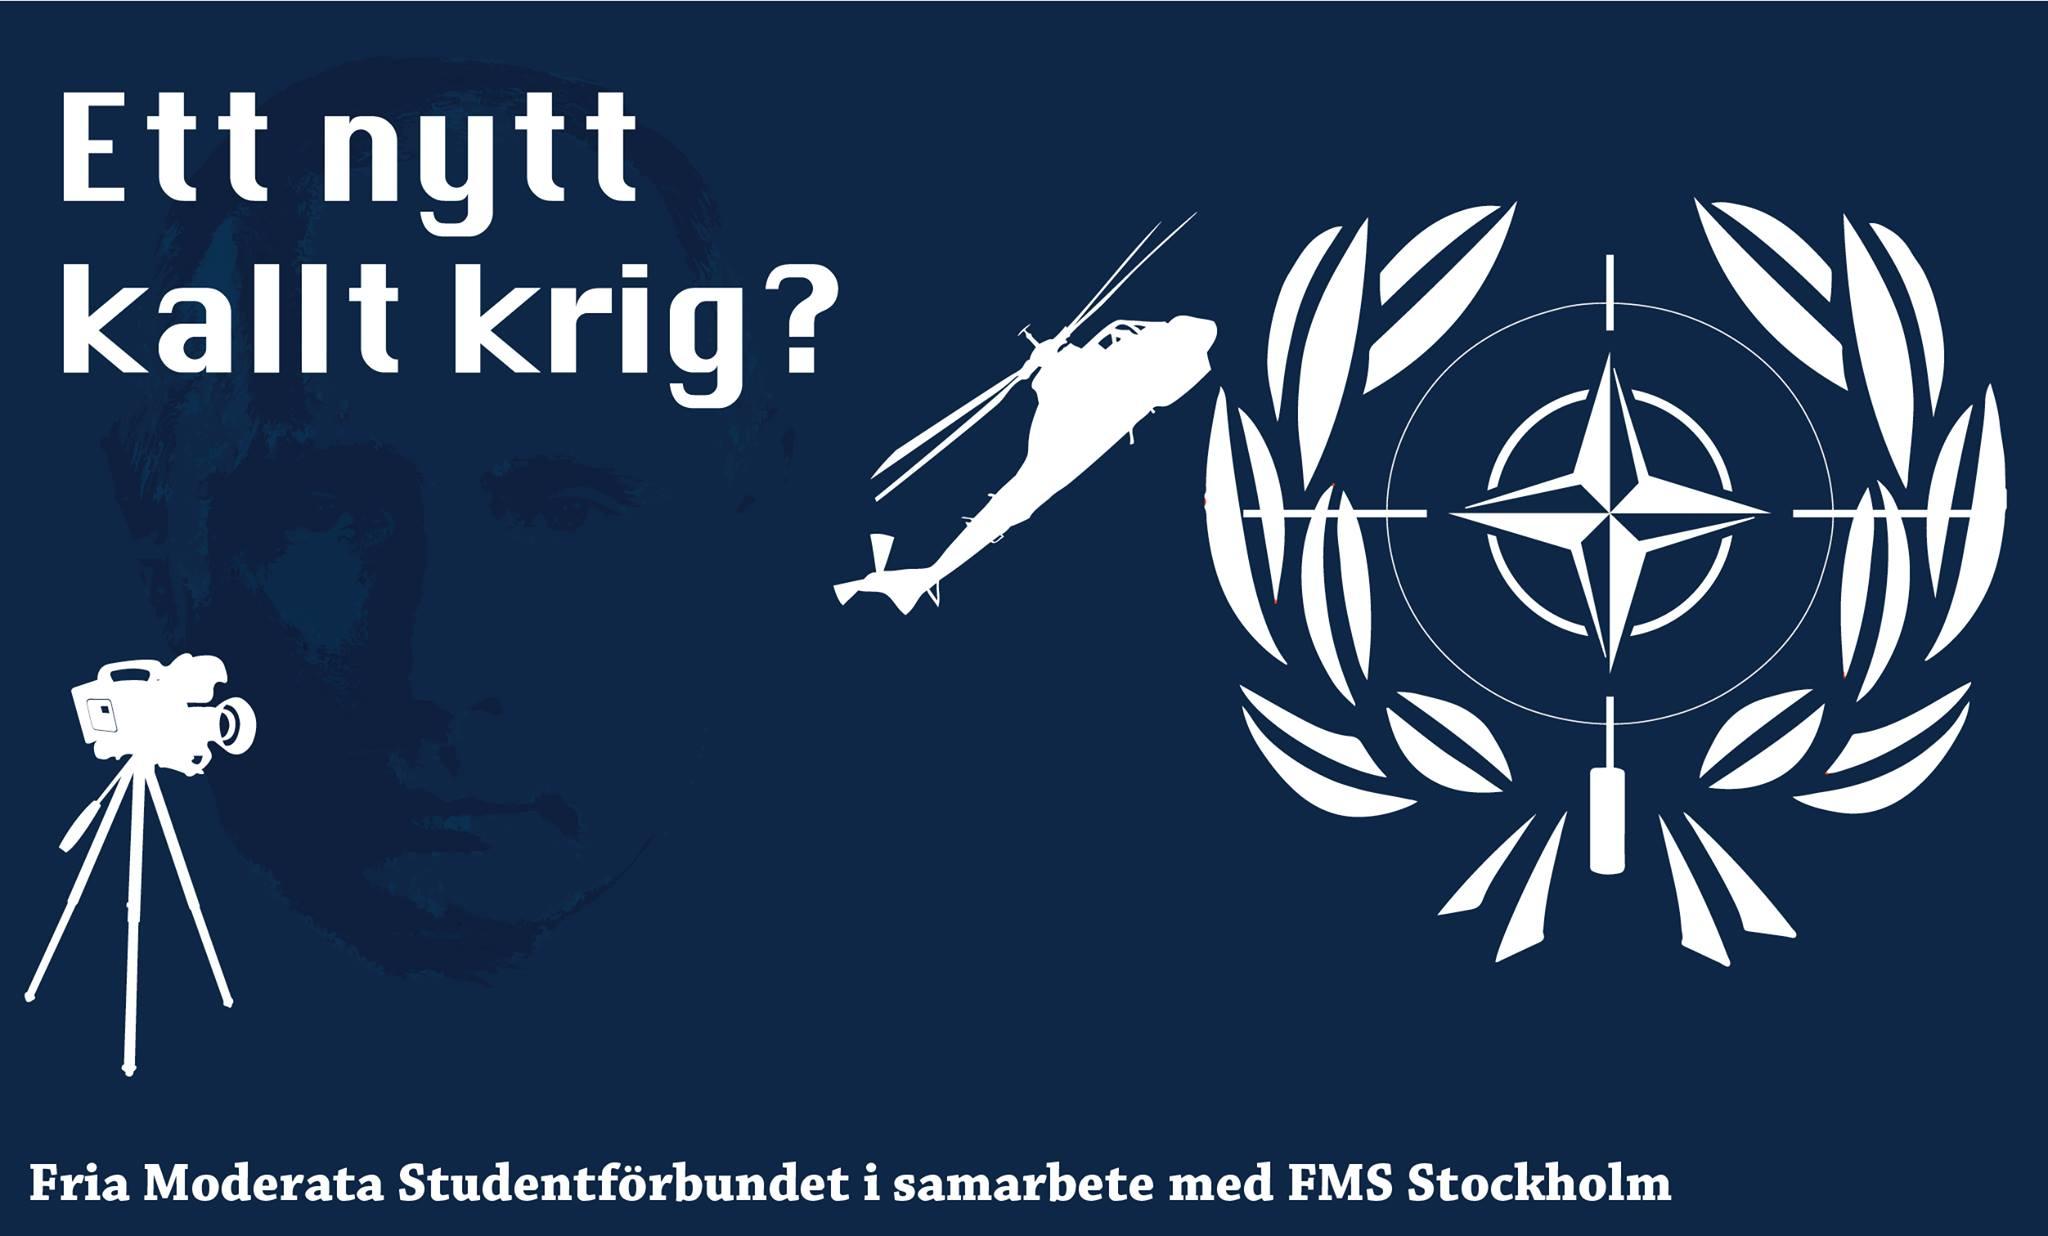 Förbundsseminarium: Ett nytt kallt krig?